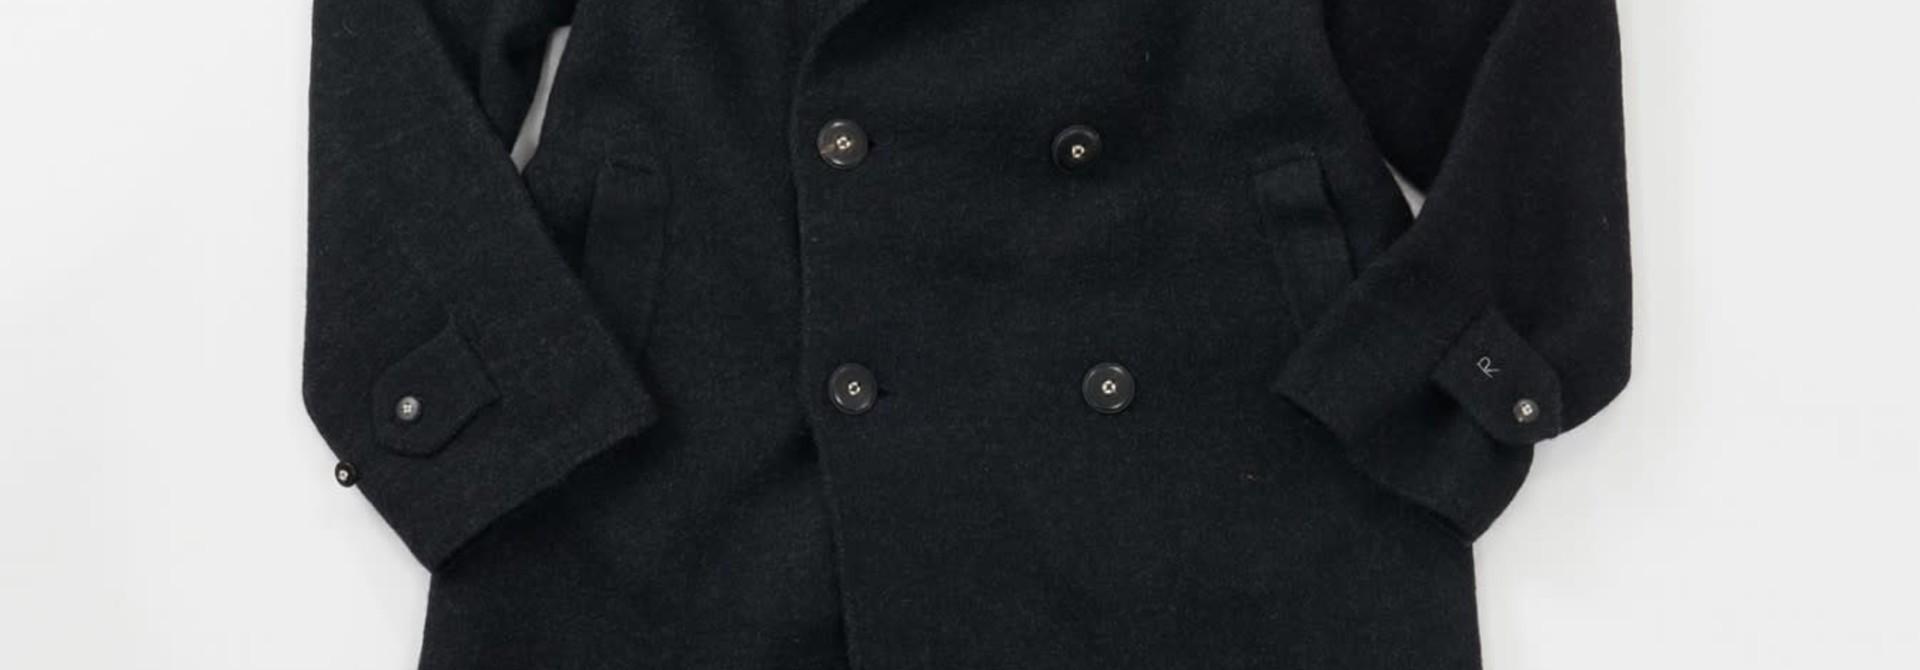 Boiled Wool 908 P-coat